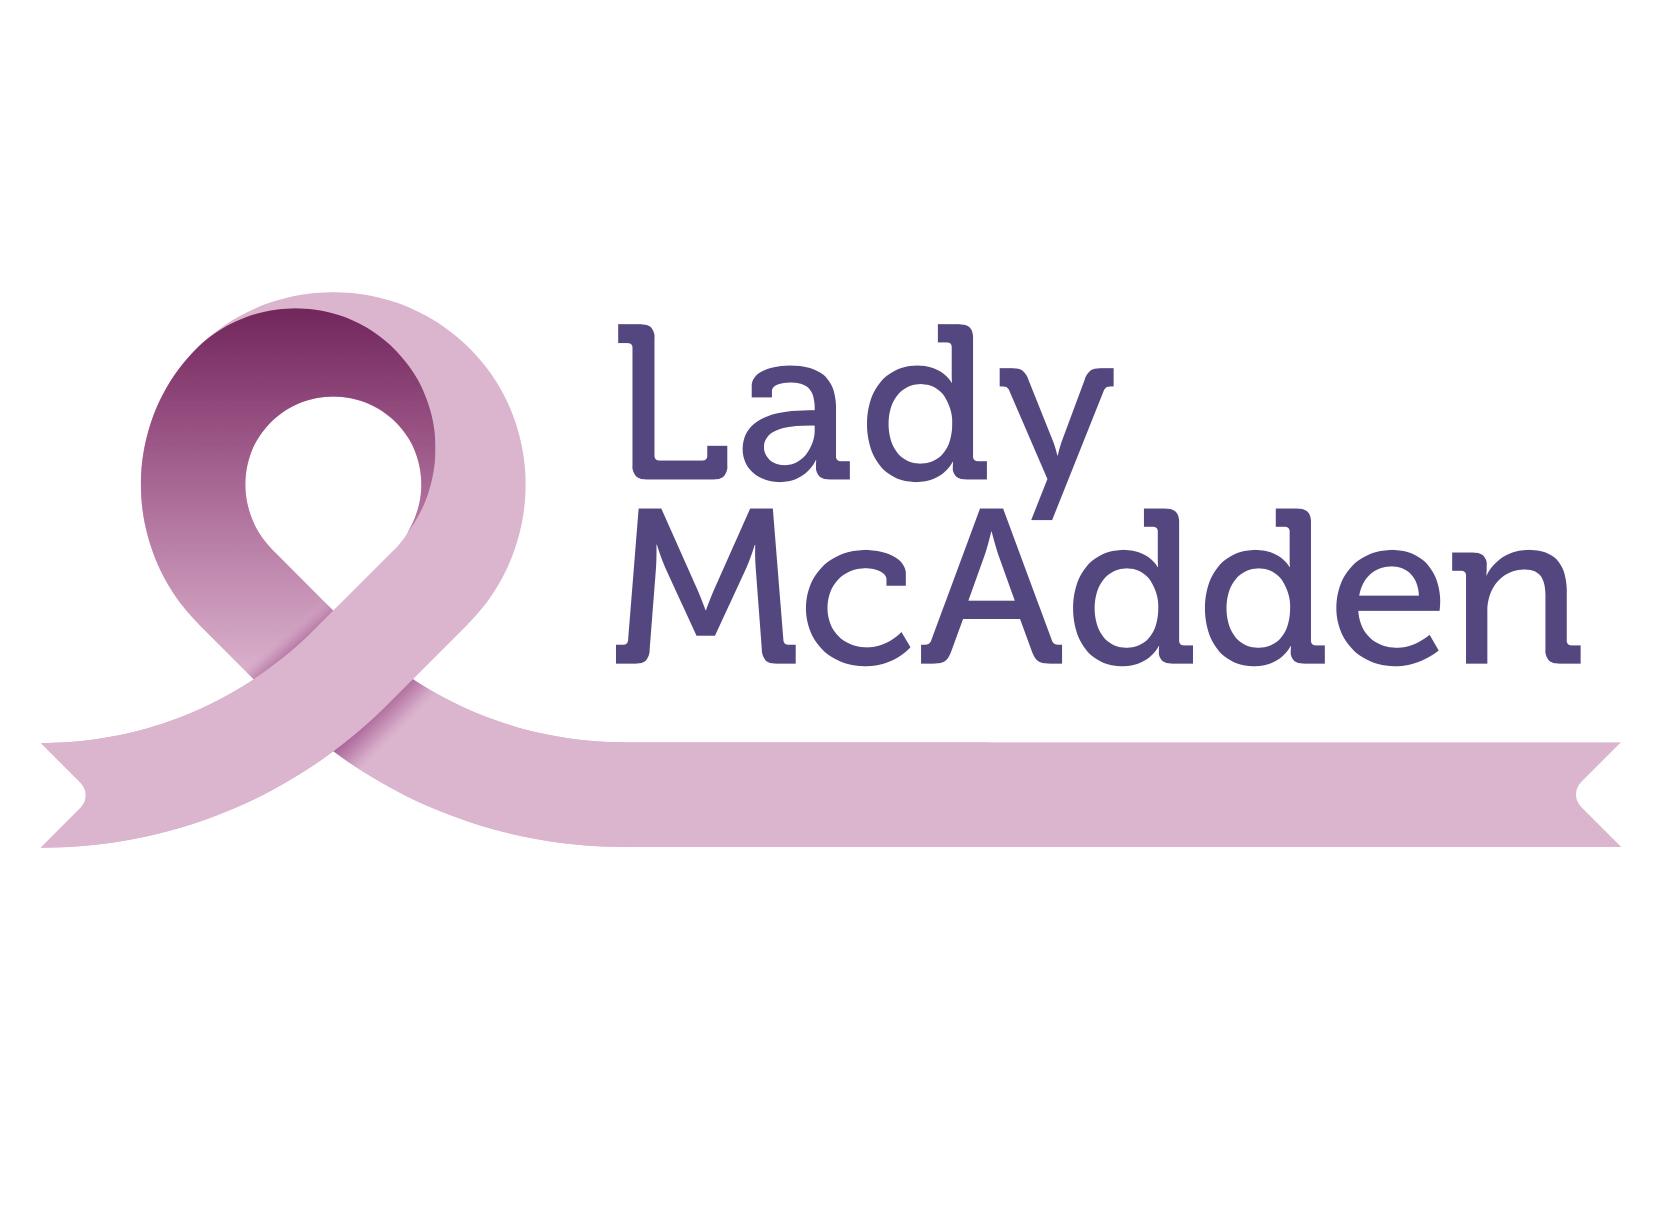 Natalie-lady-mcadden-nurse